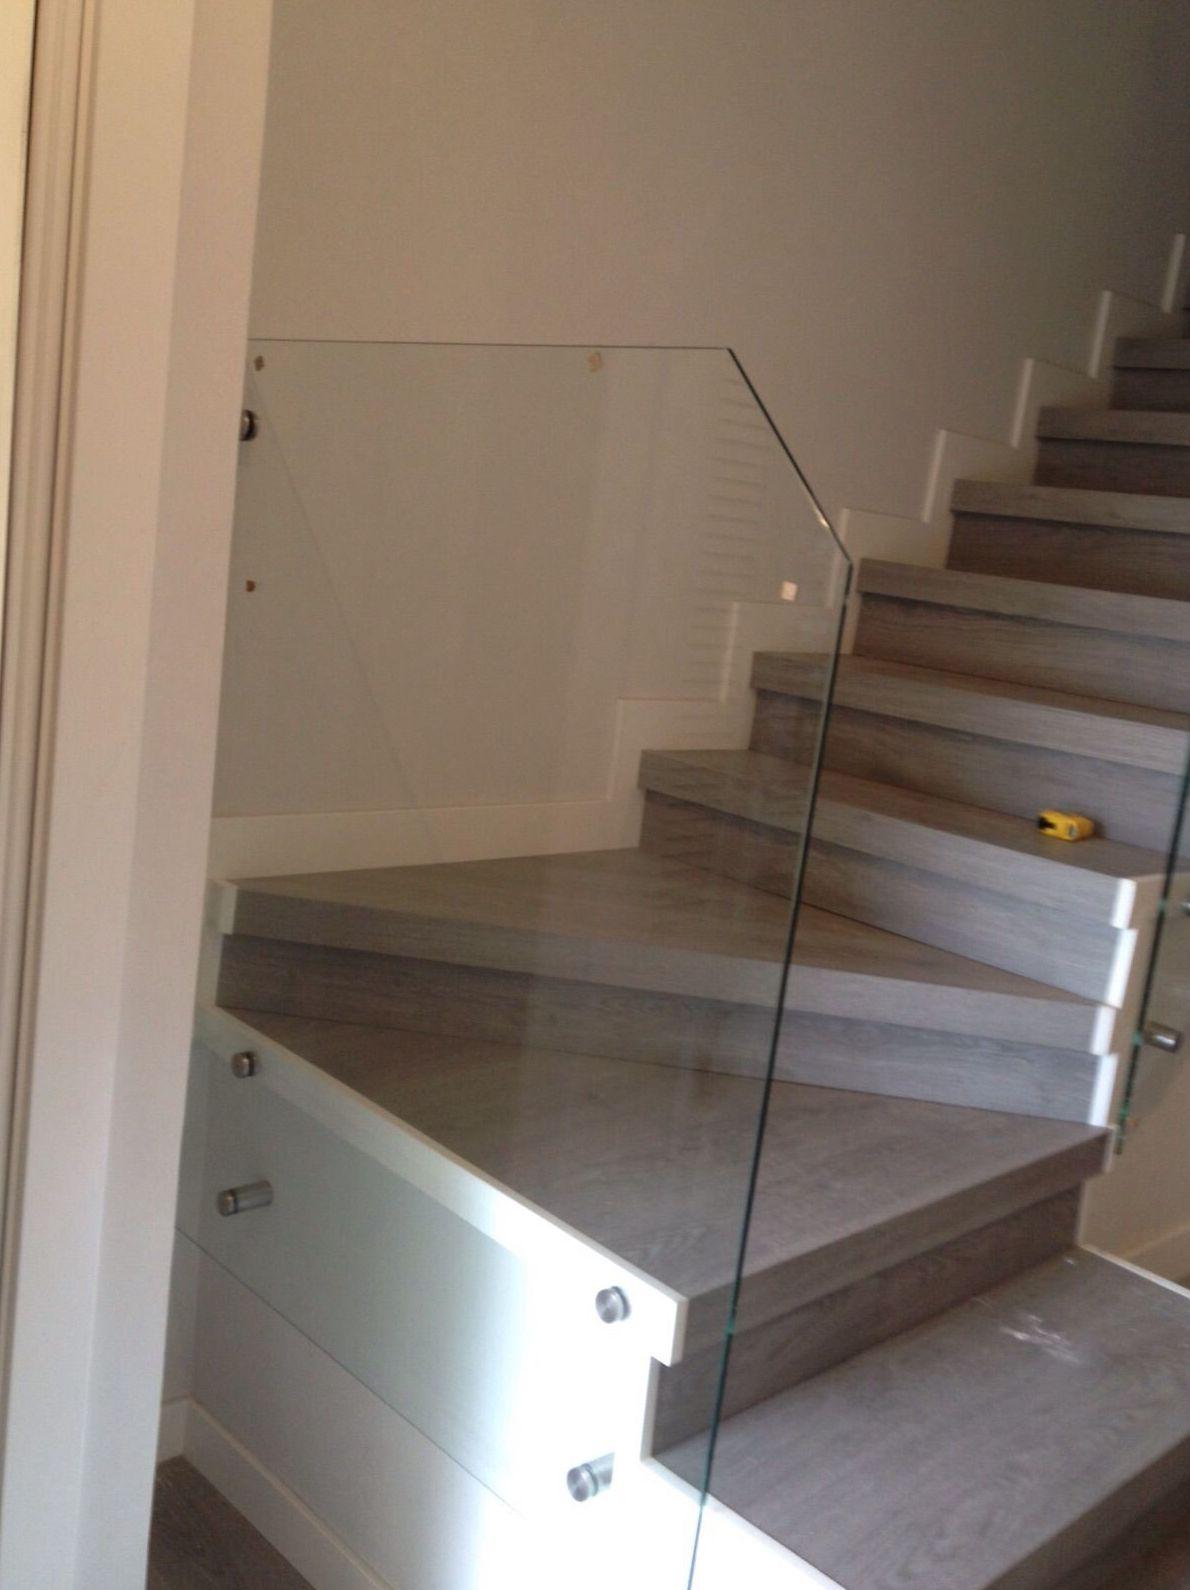 Barandillas de cristal para escaleras Parla